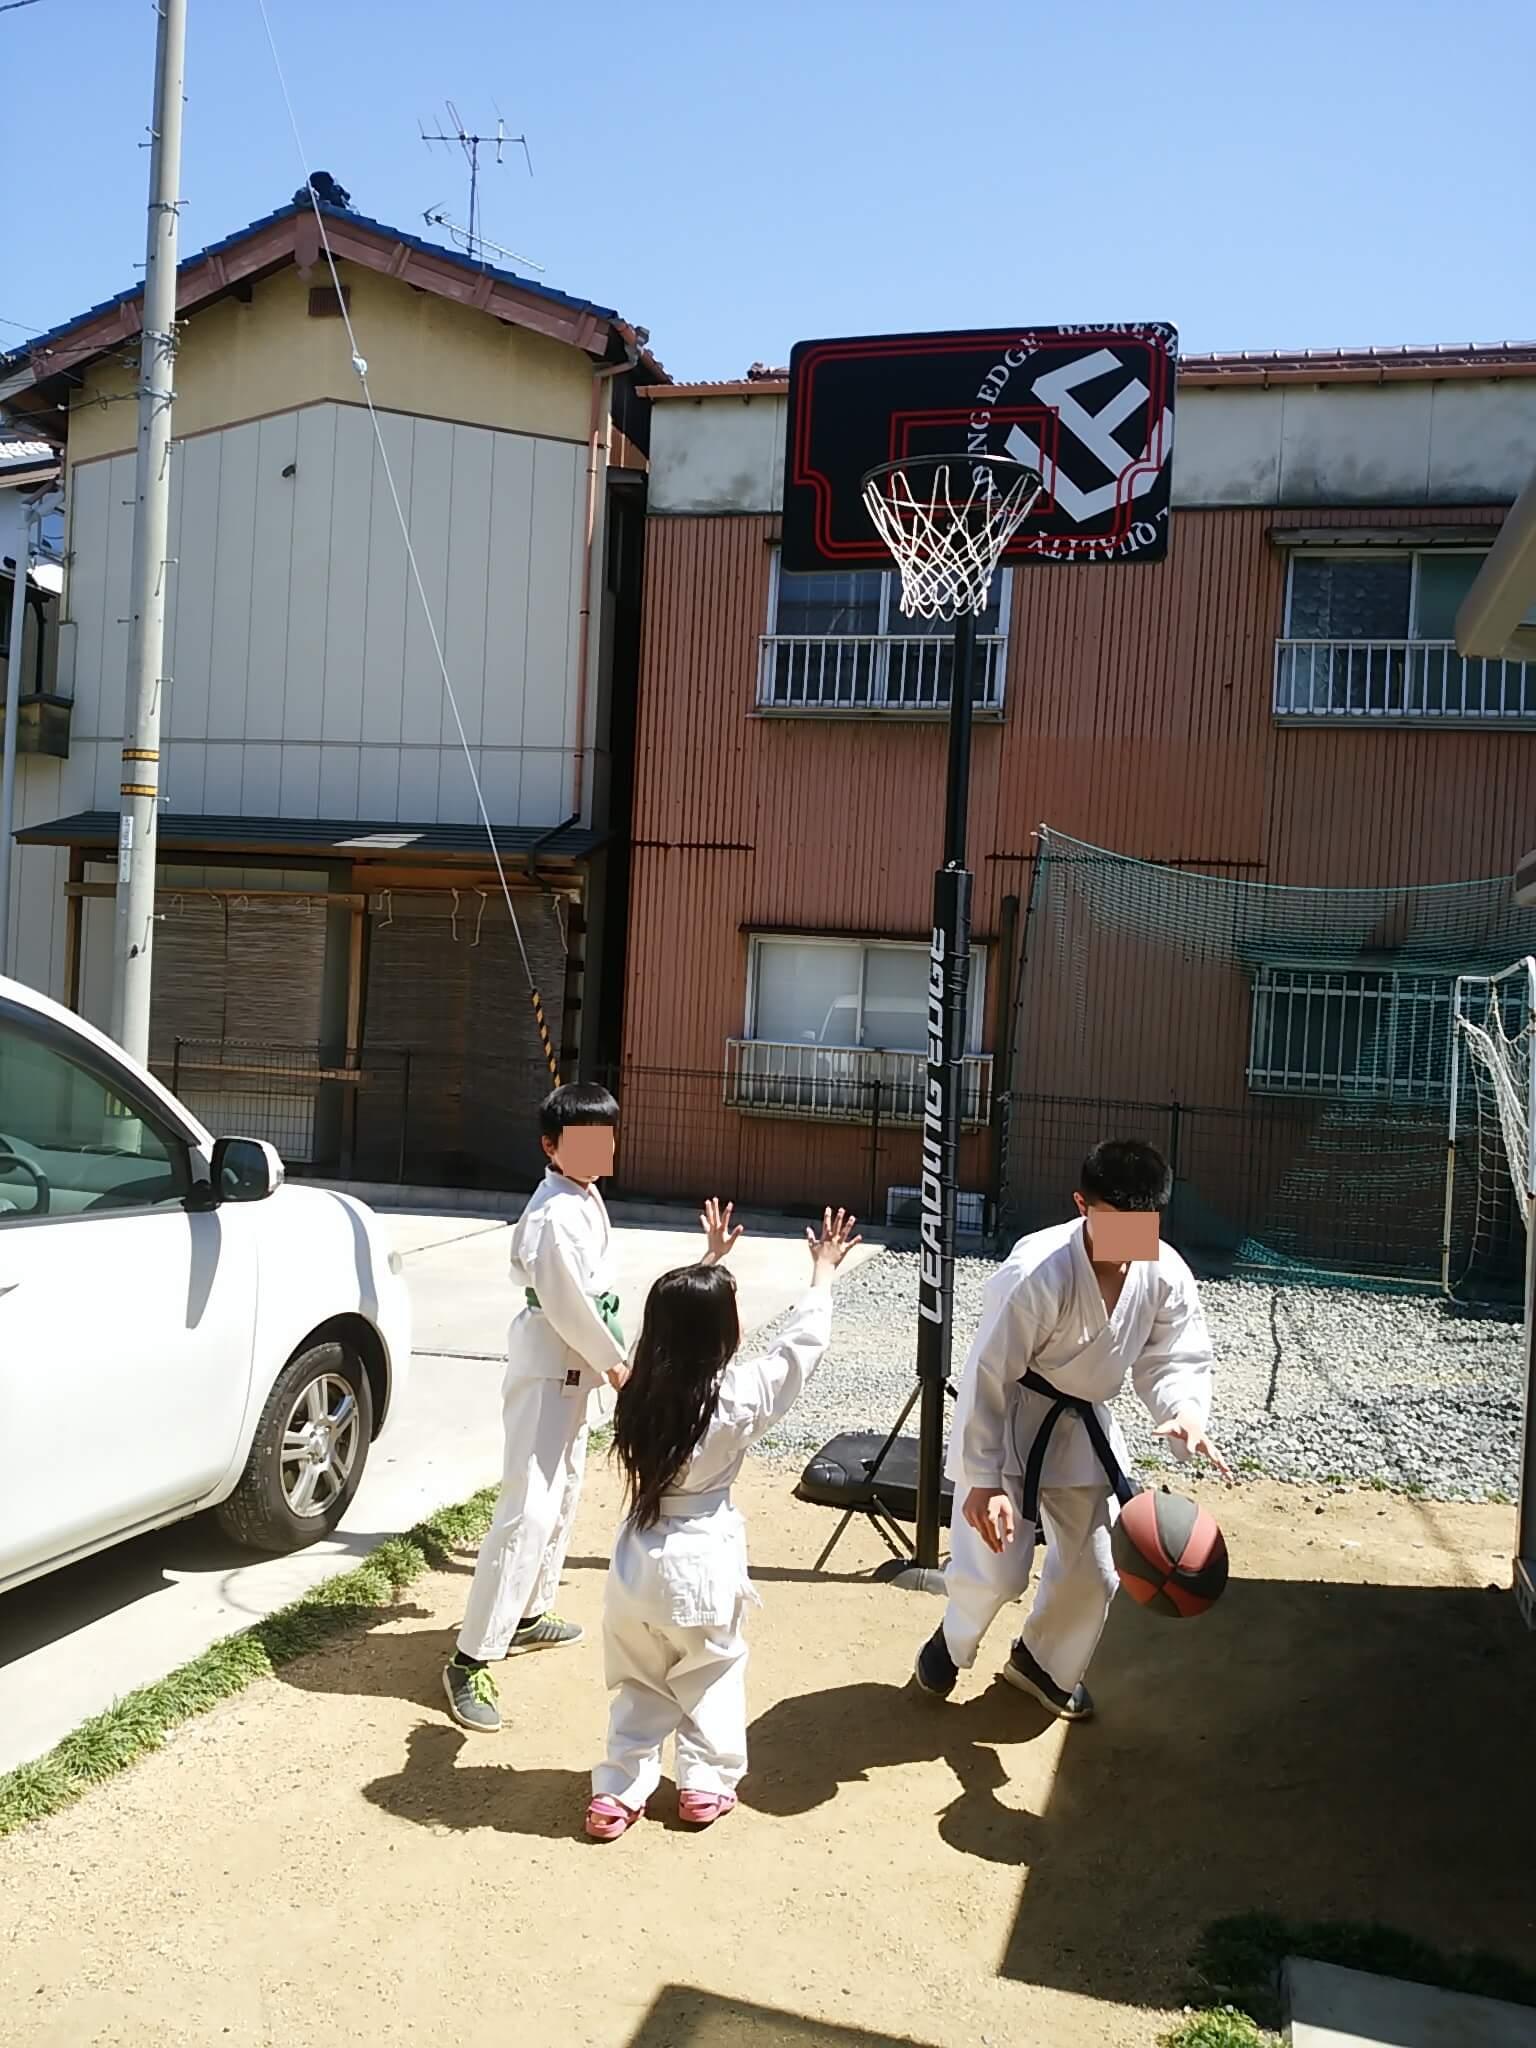 空手の行く前もバスケットボール